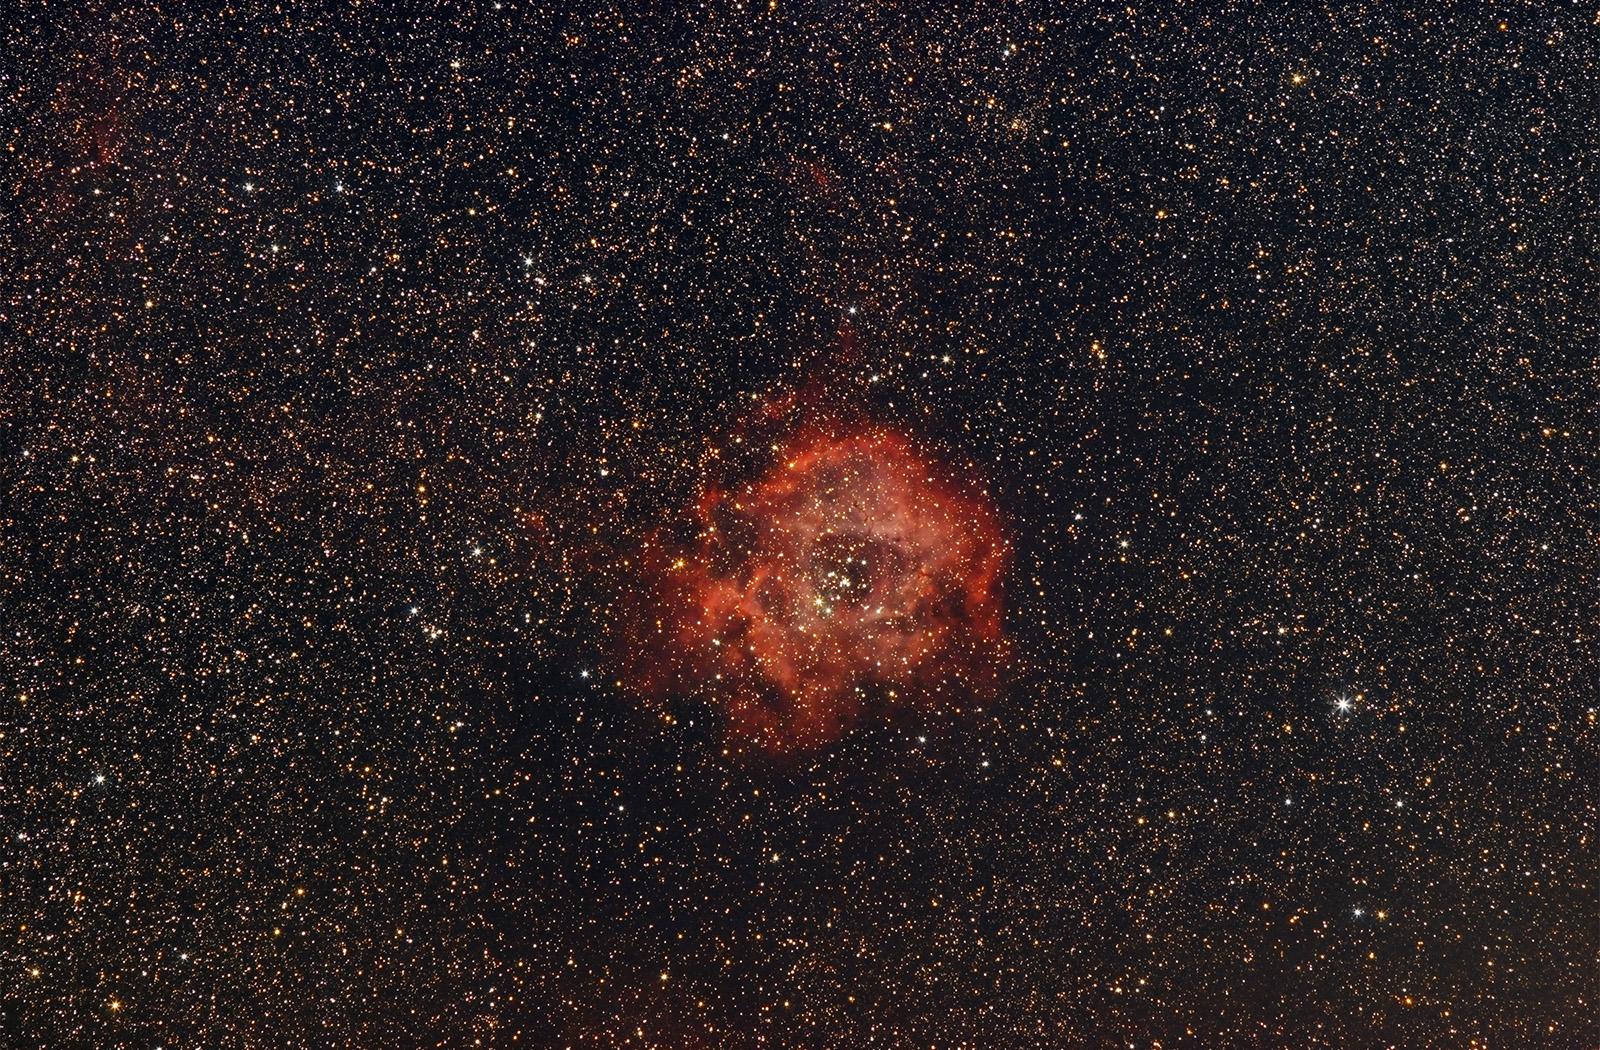 Astronomische Bildergebnisse meiner Dezemberbeobachtung